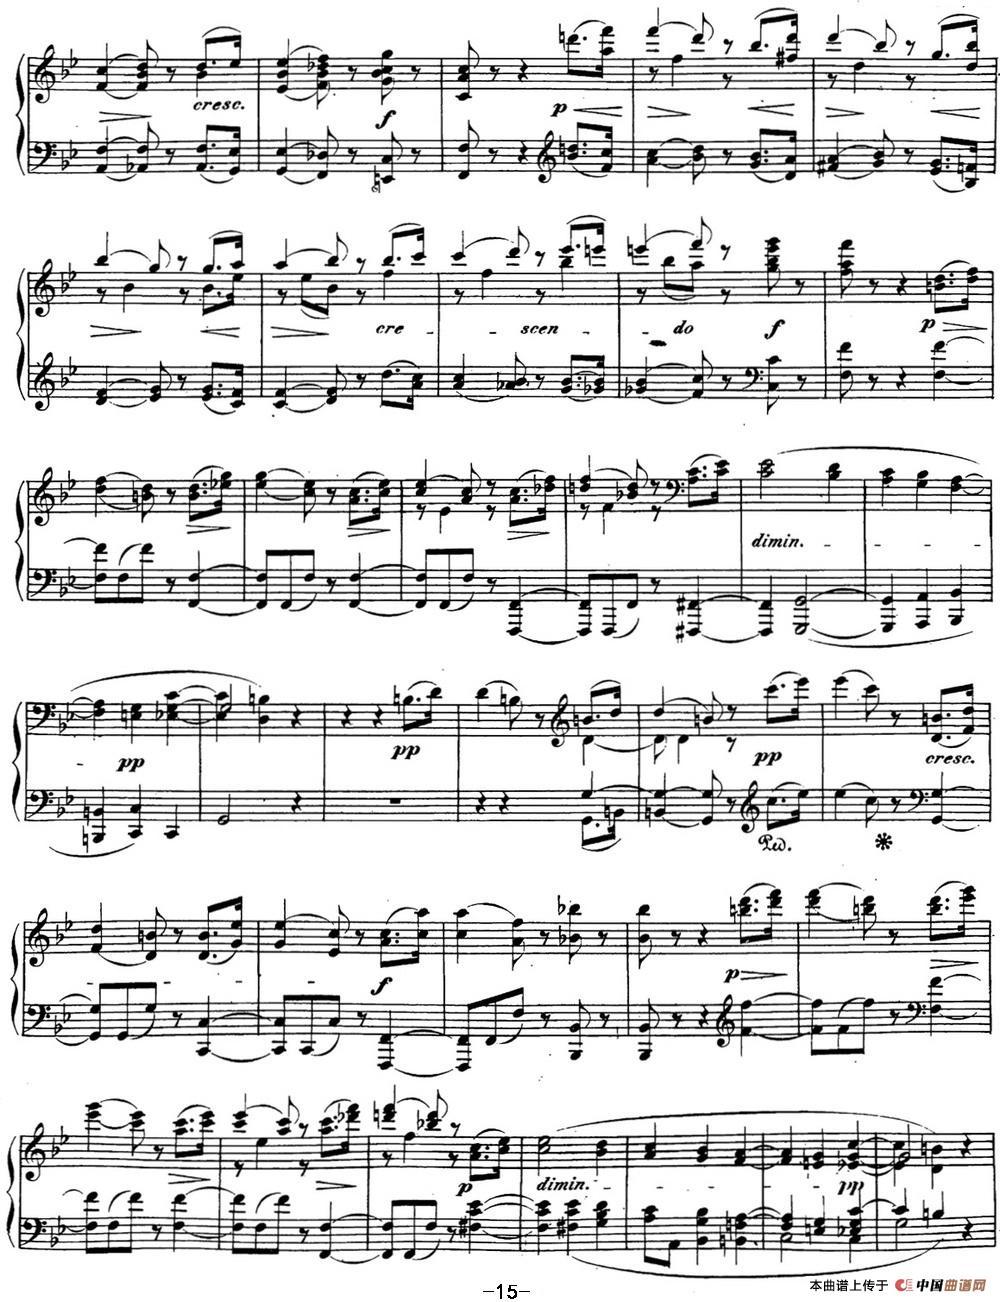 贝多芬钢琴奏鸣曲29 钢琴(锥子键琴)降B大调 Op.106 B-flat major(1)_原文件名:29 钢琴(锥子键琴)降B大调 Op106 B-flat major_页面_17.jpg